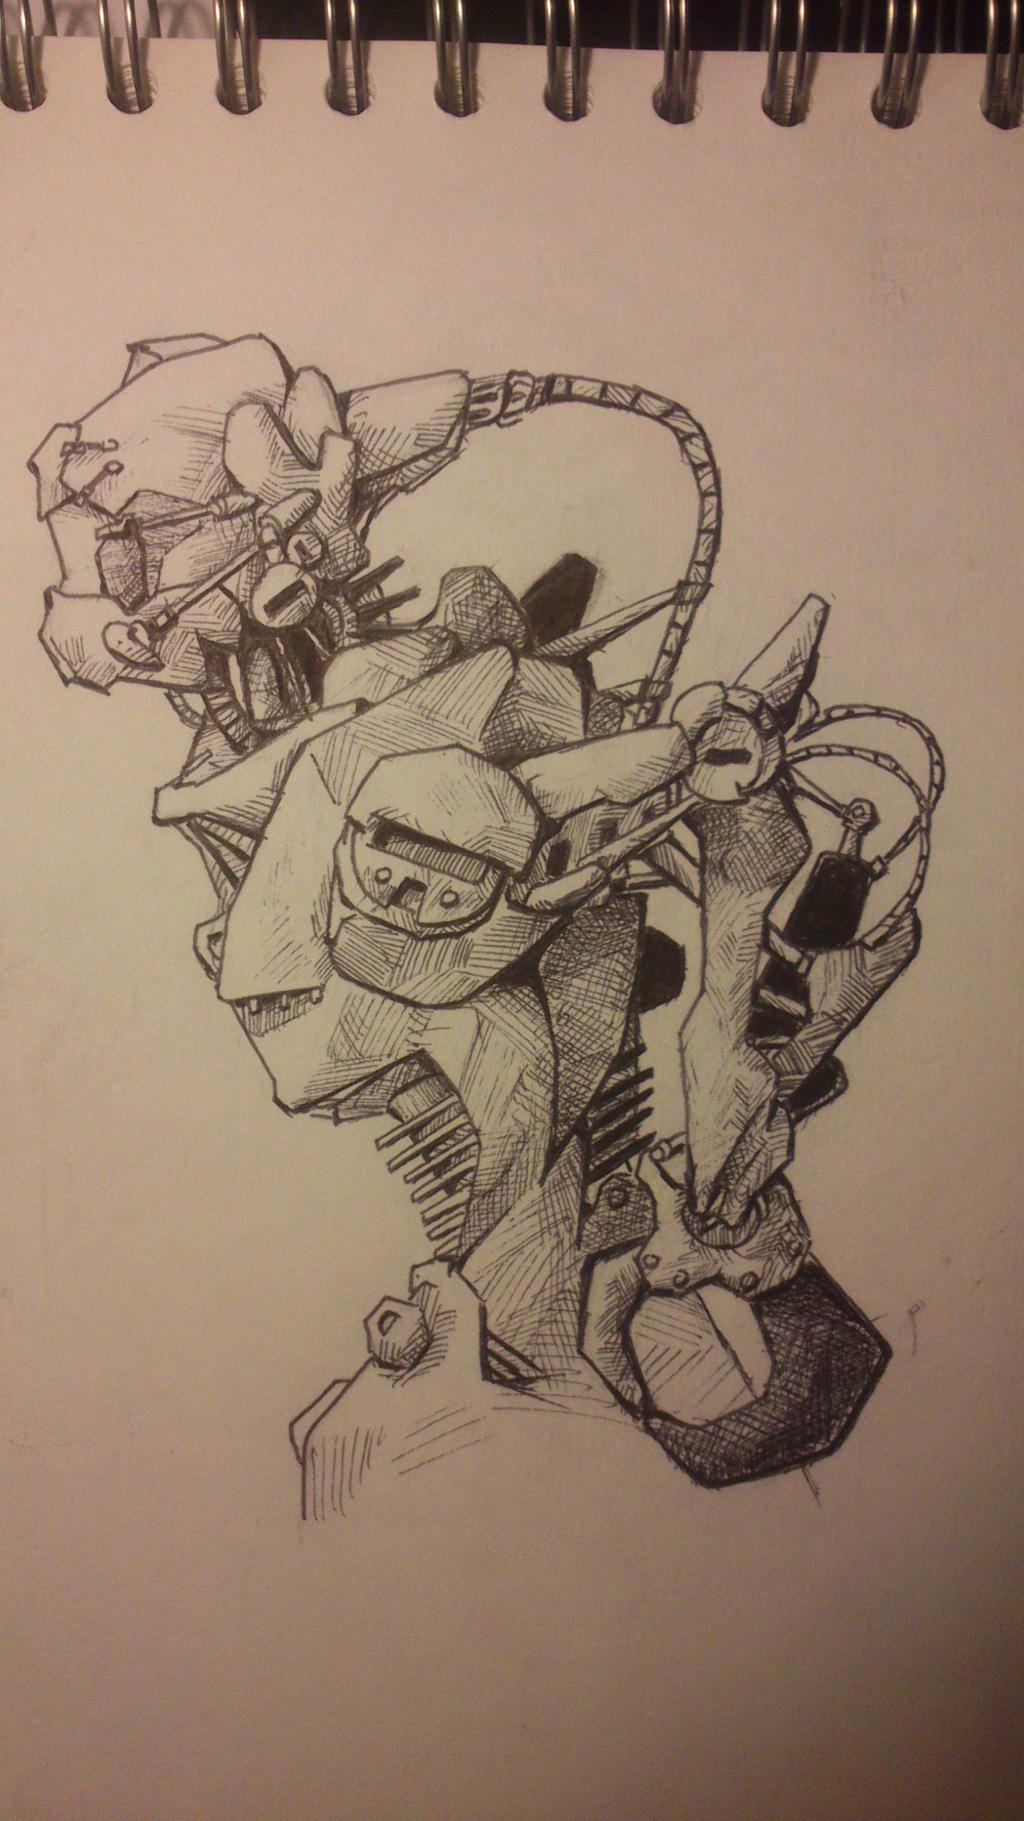 Untitled sketch by TomHeye